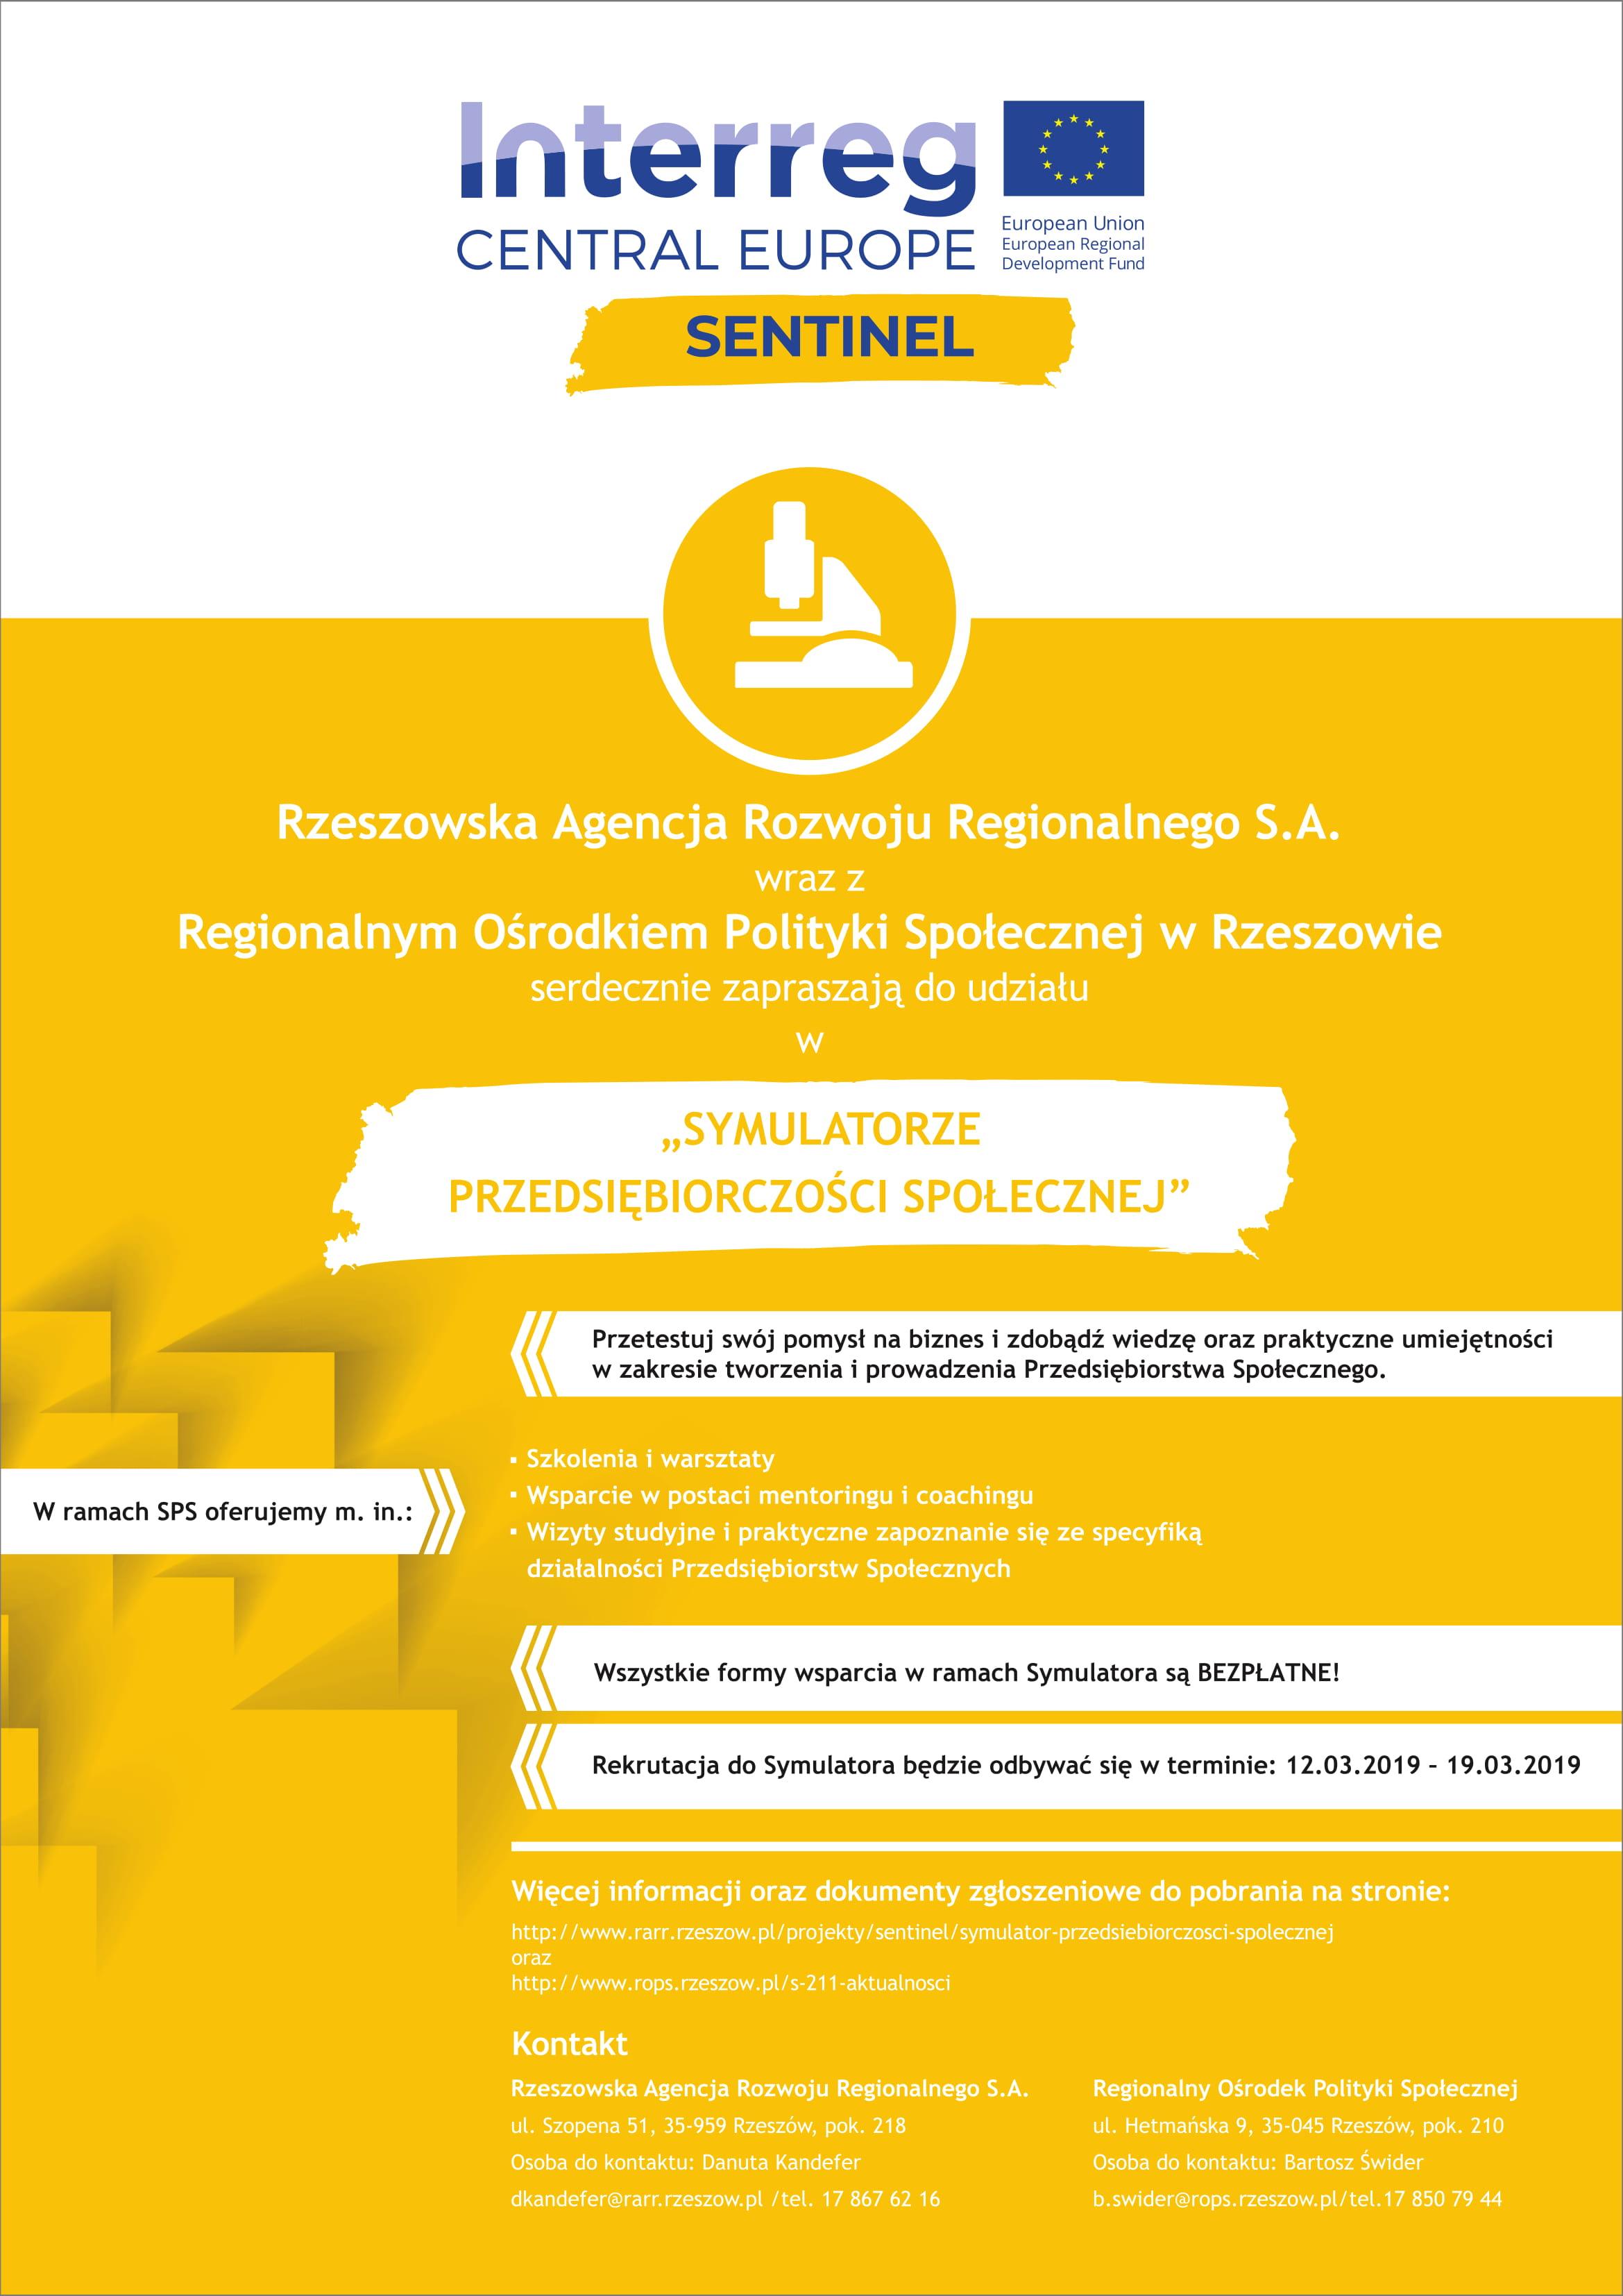 Plakat promujący Symulator Przedsiębiorczości Społecznej